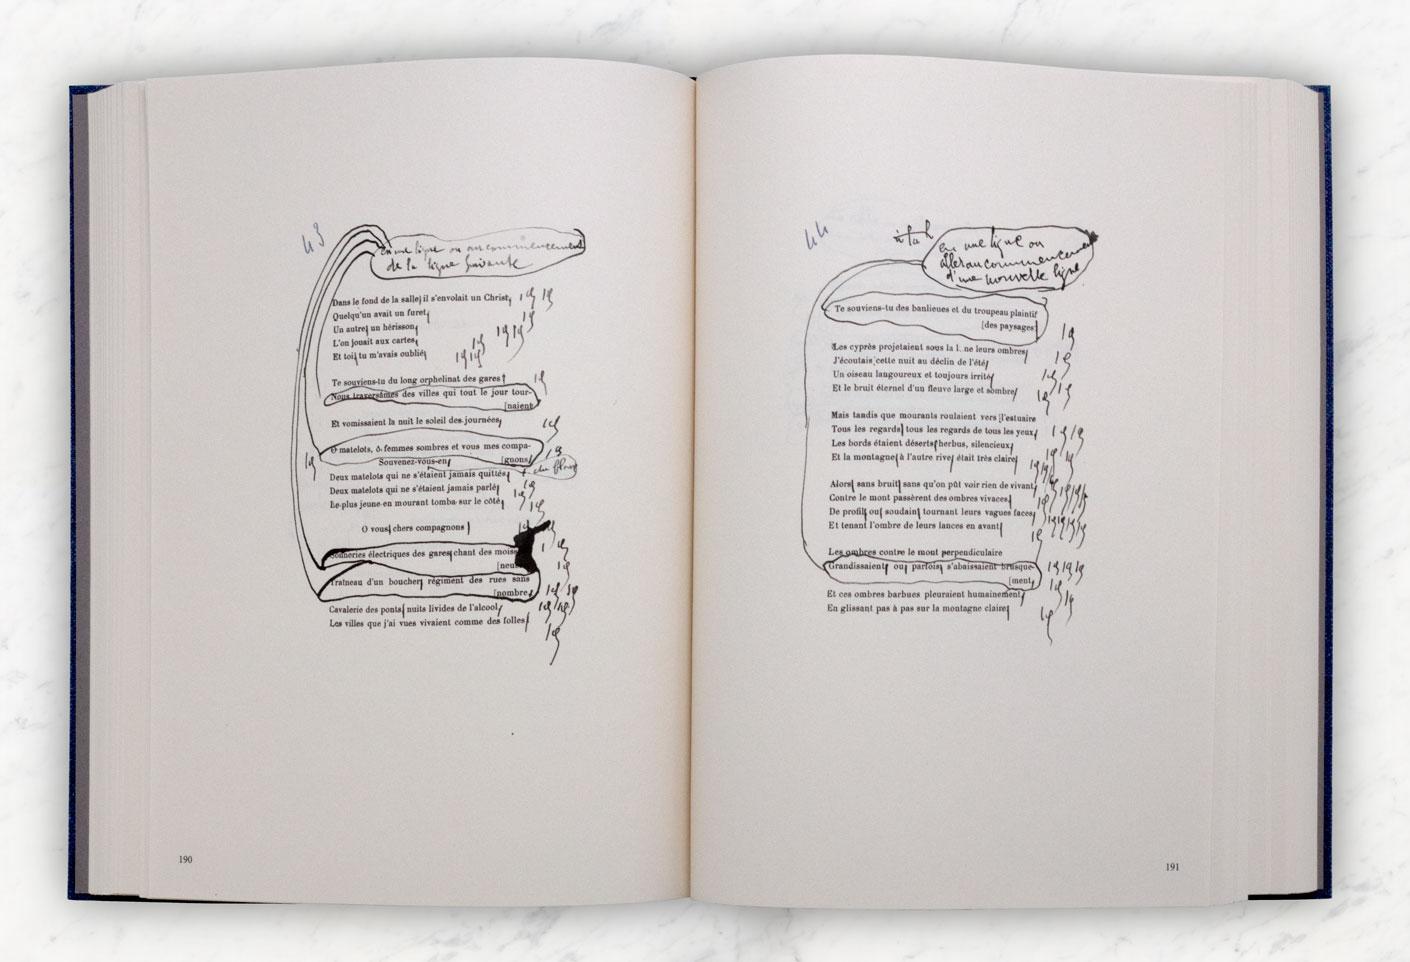 Livre facsimile Alcools de Guillaume Apollinaire